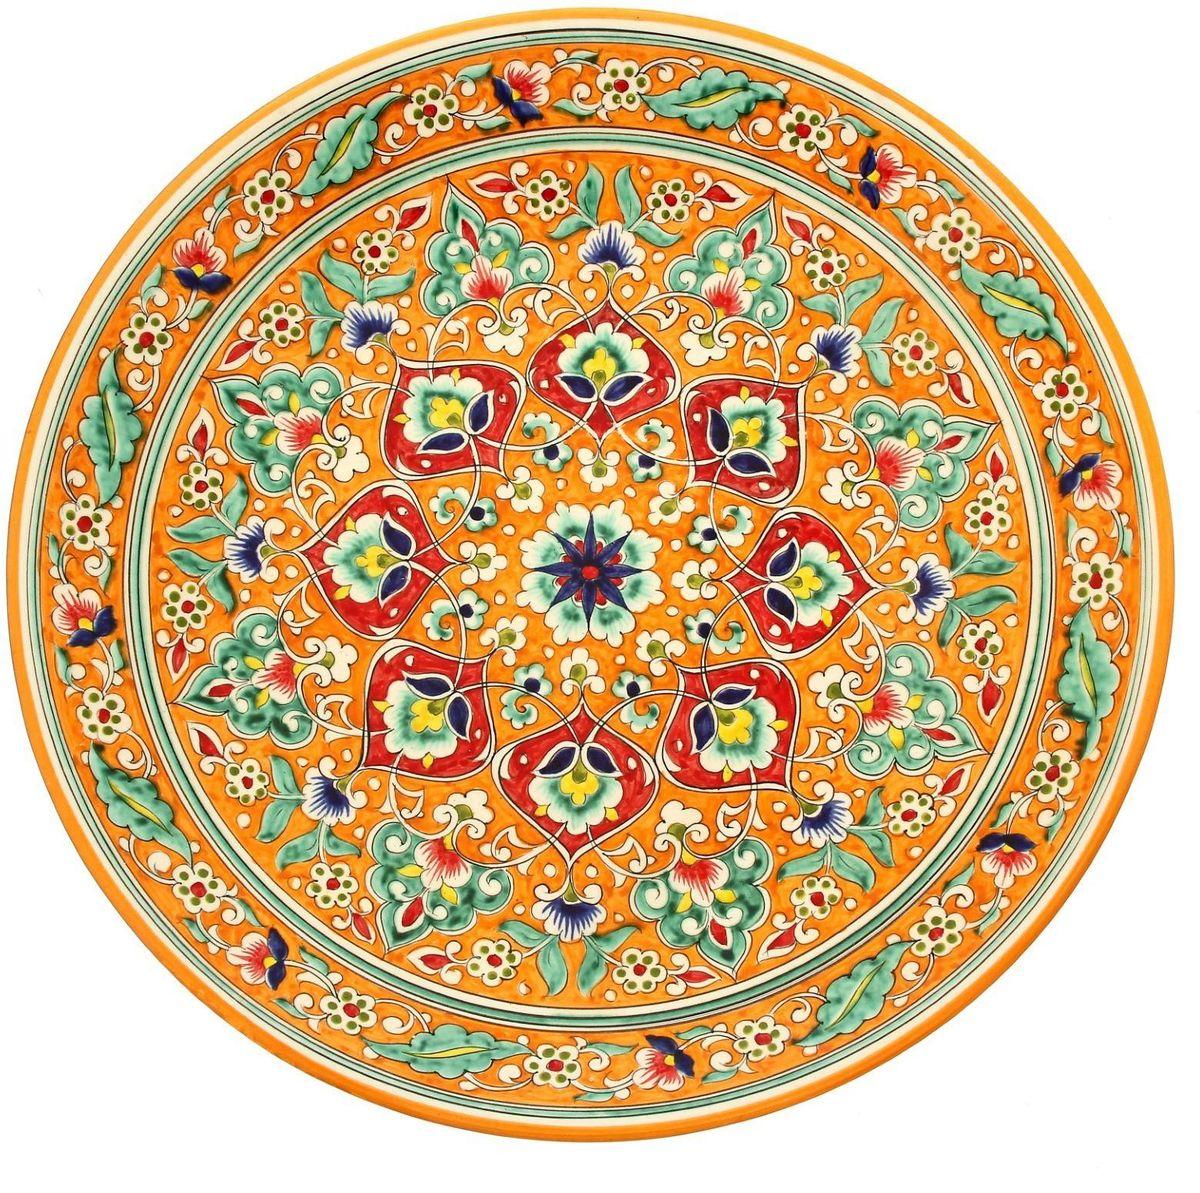 Ляган Риштанская керамика, диаметр 41 см. 19234881923488Ляган — это не просто обеденный атрибут, это украшение стола. Посуда с национальной росписью станет отменным подарком для ценителейвысокородной посуды.Ляган выполнен из глины высокого качества.Диаметр блюда составляет 41 см.